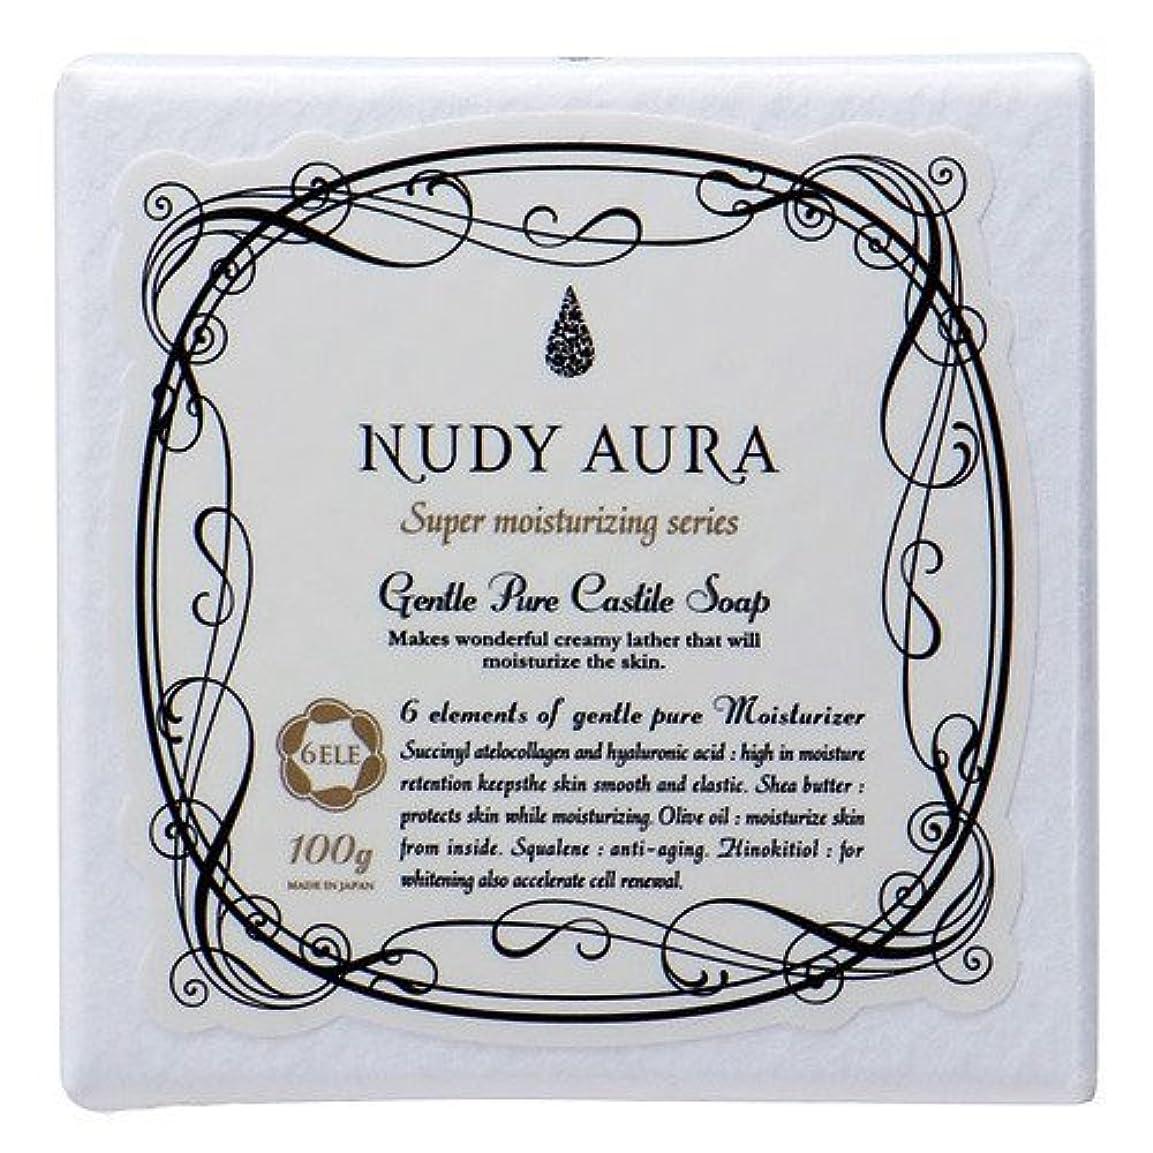 アイザック床を掃除する拍手するヌーディーオーラ キャスティールソープ 100g